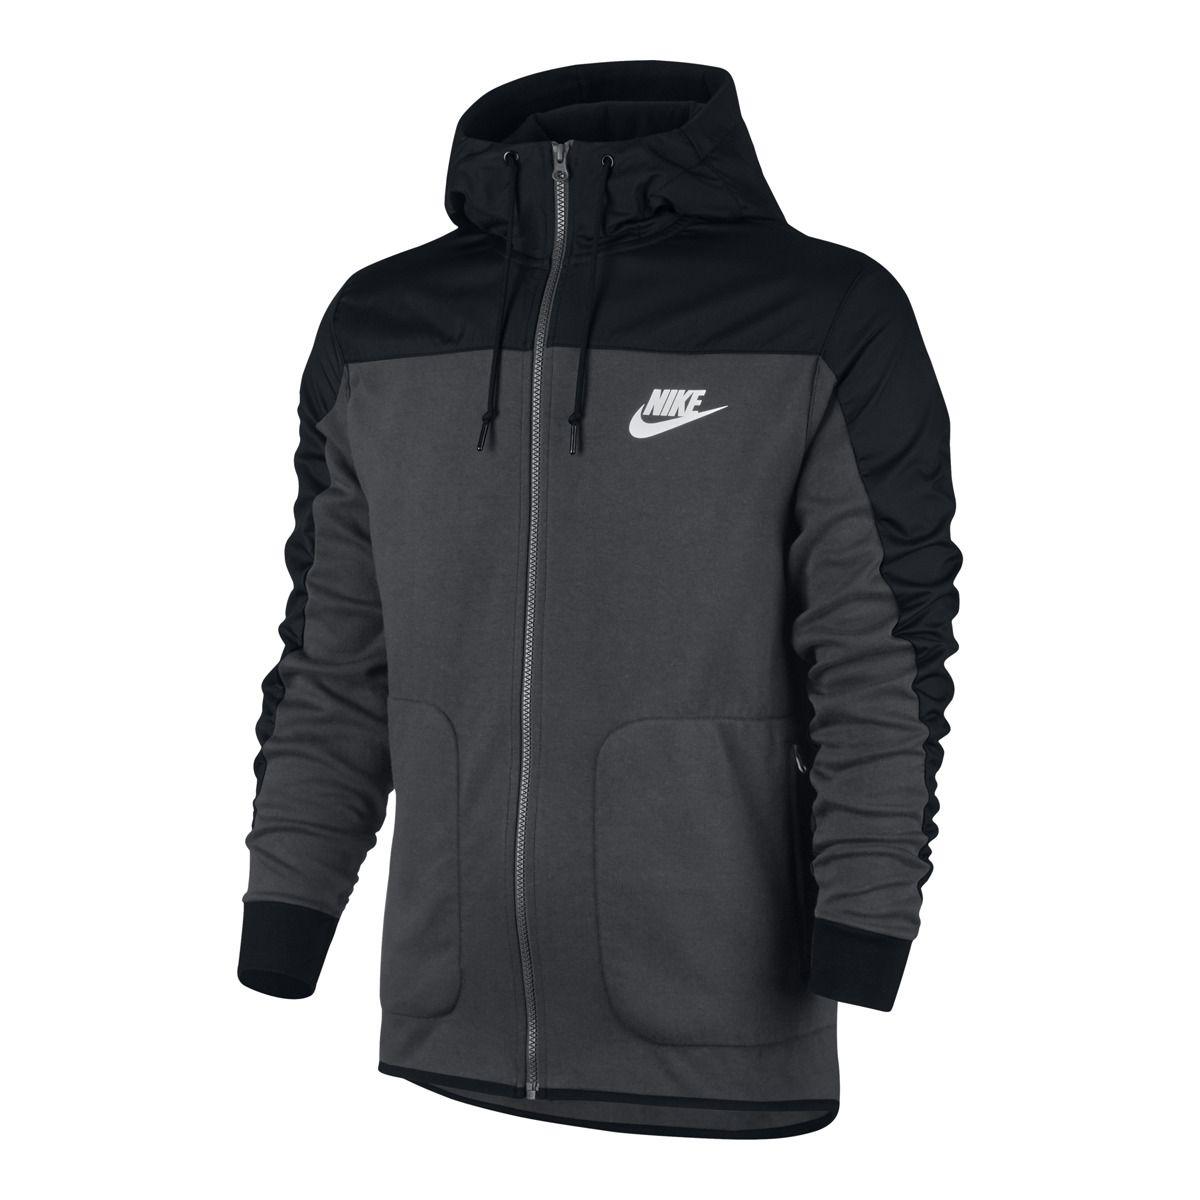 radio patrón viudo  Sudadera de hombre Sportswear Advance 15 Nike | Nike ropa hombre, Sudaderas nike  hombre, Ropa deportiva nike